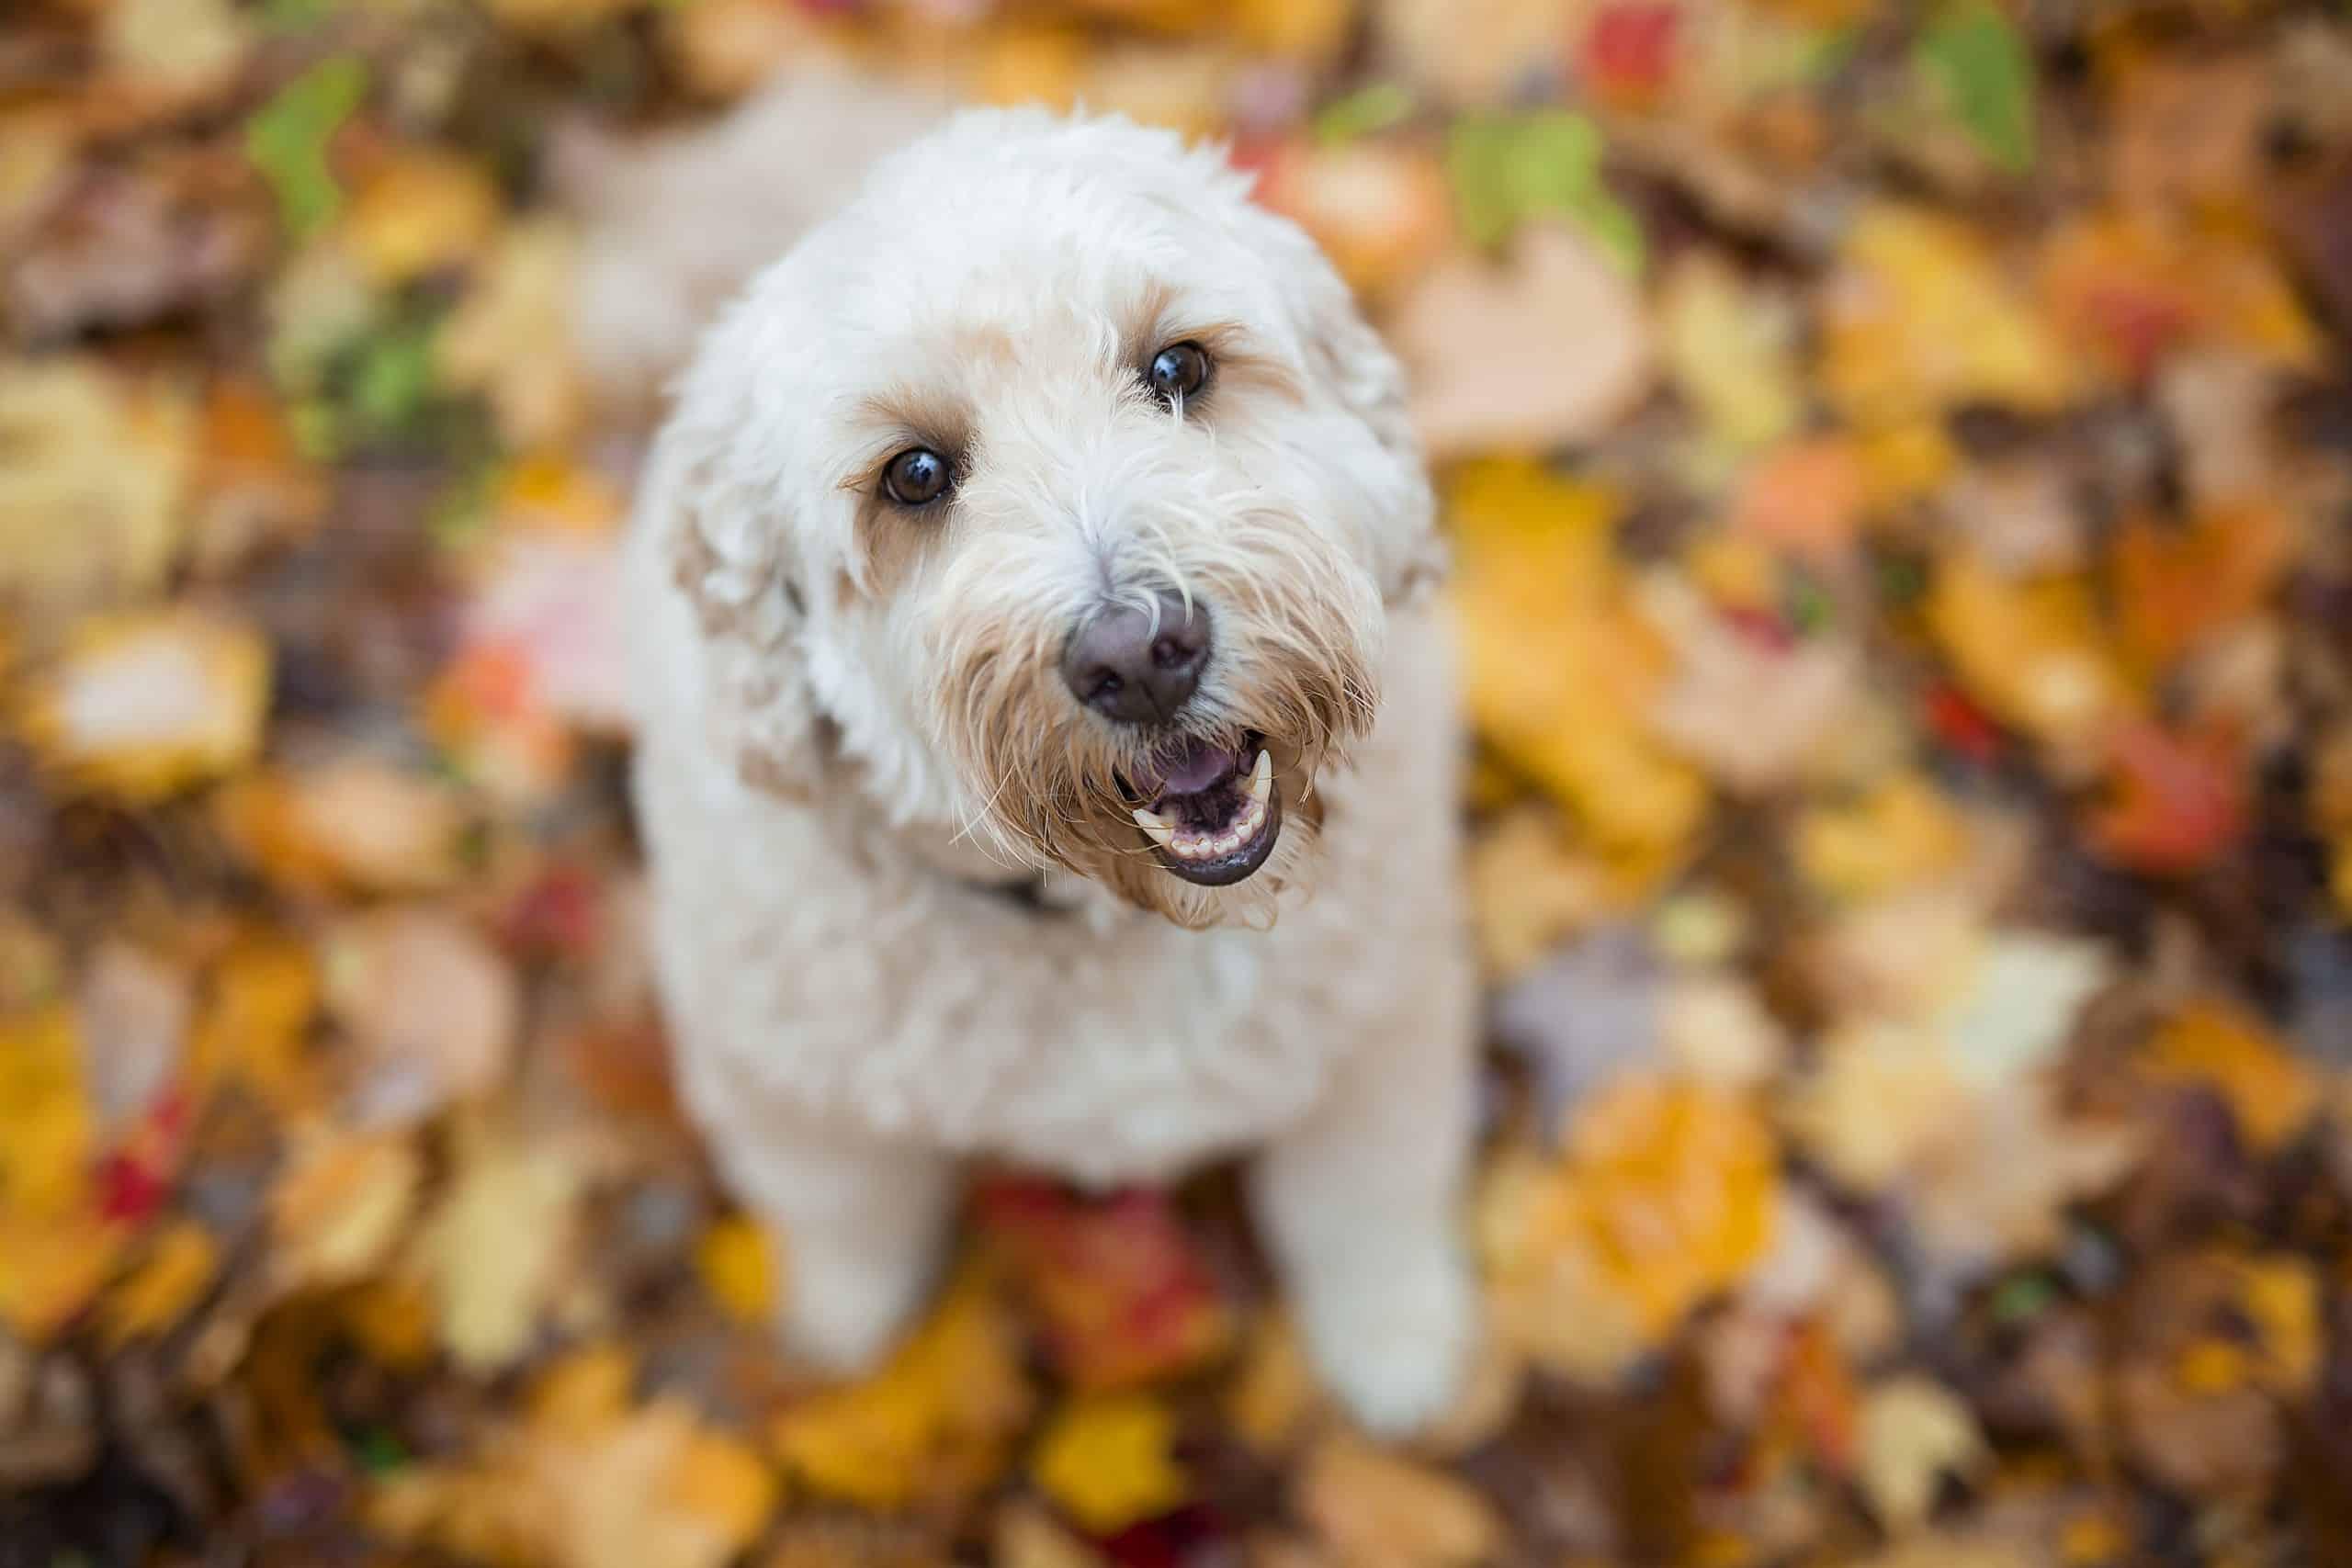 Ein fröhliches Goldendoodle sitzt auf einem trockenen Blatt